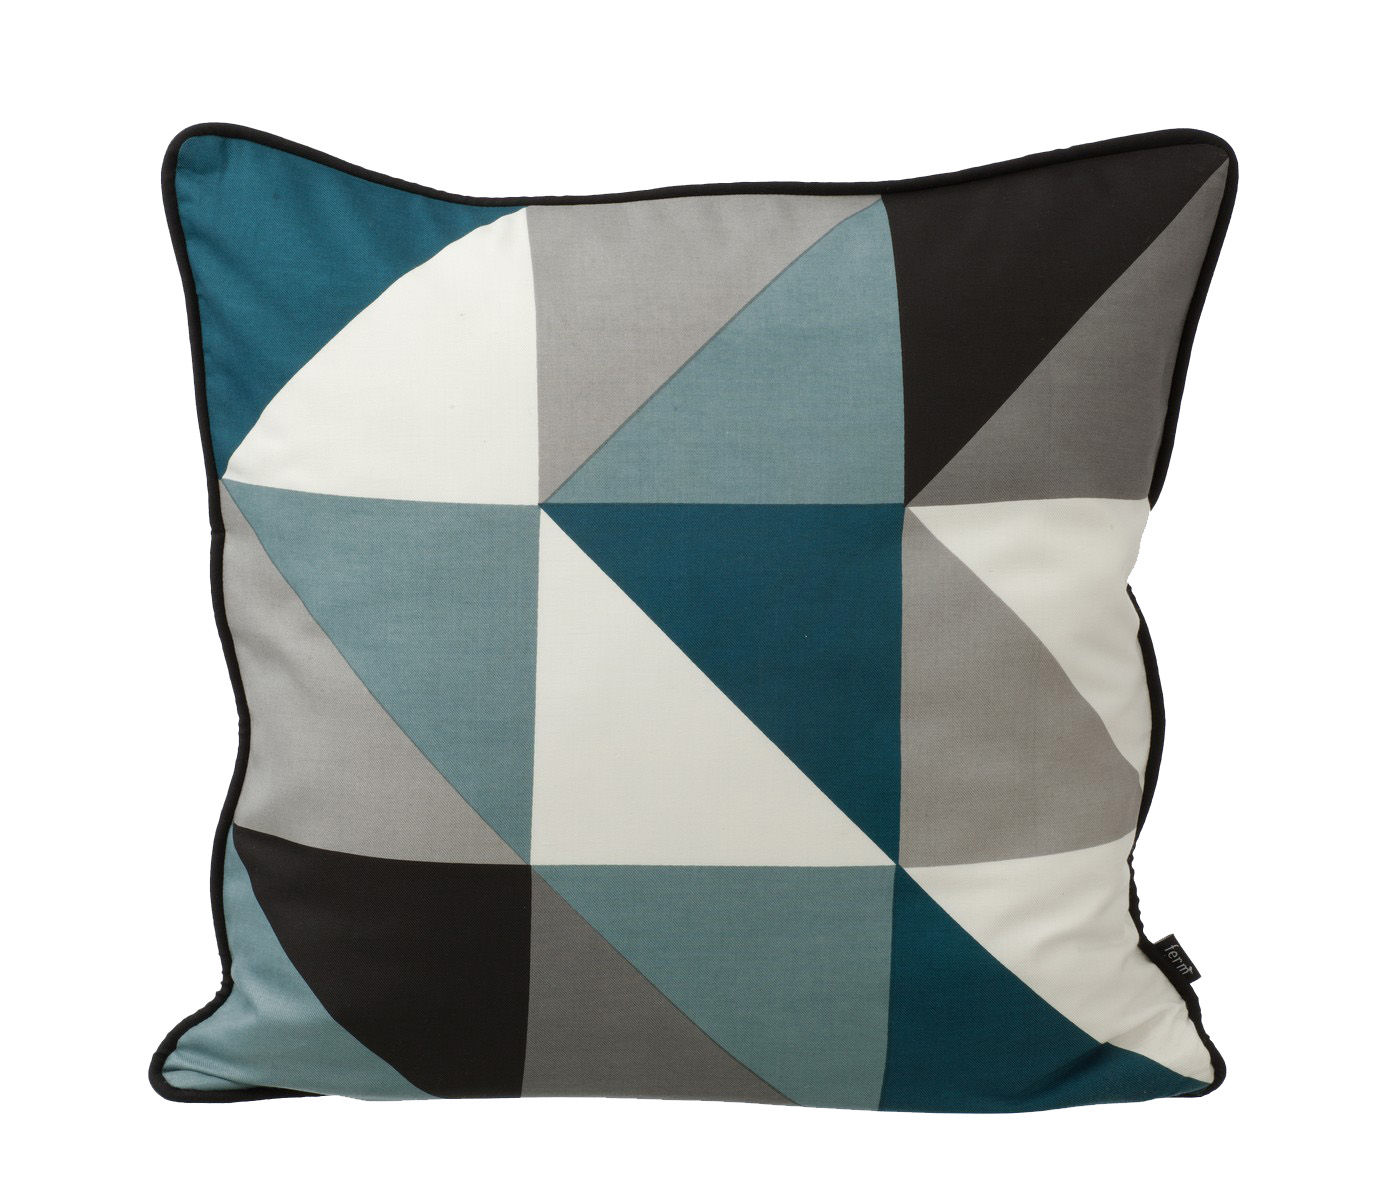 coussin remix 50 x 50 cm bleu p trole gris blanc. Black Bedroom Furniture Sets. Home Design Ideas